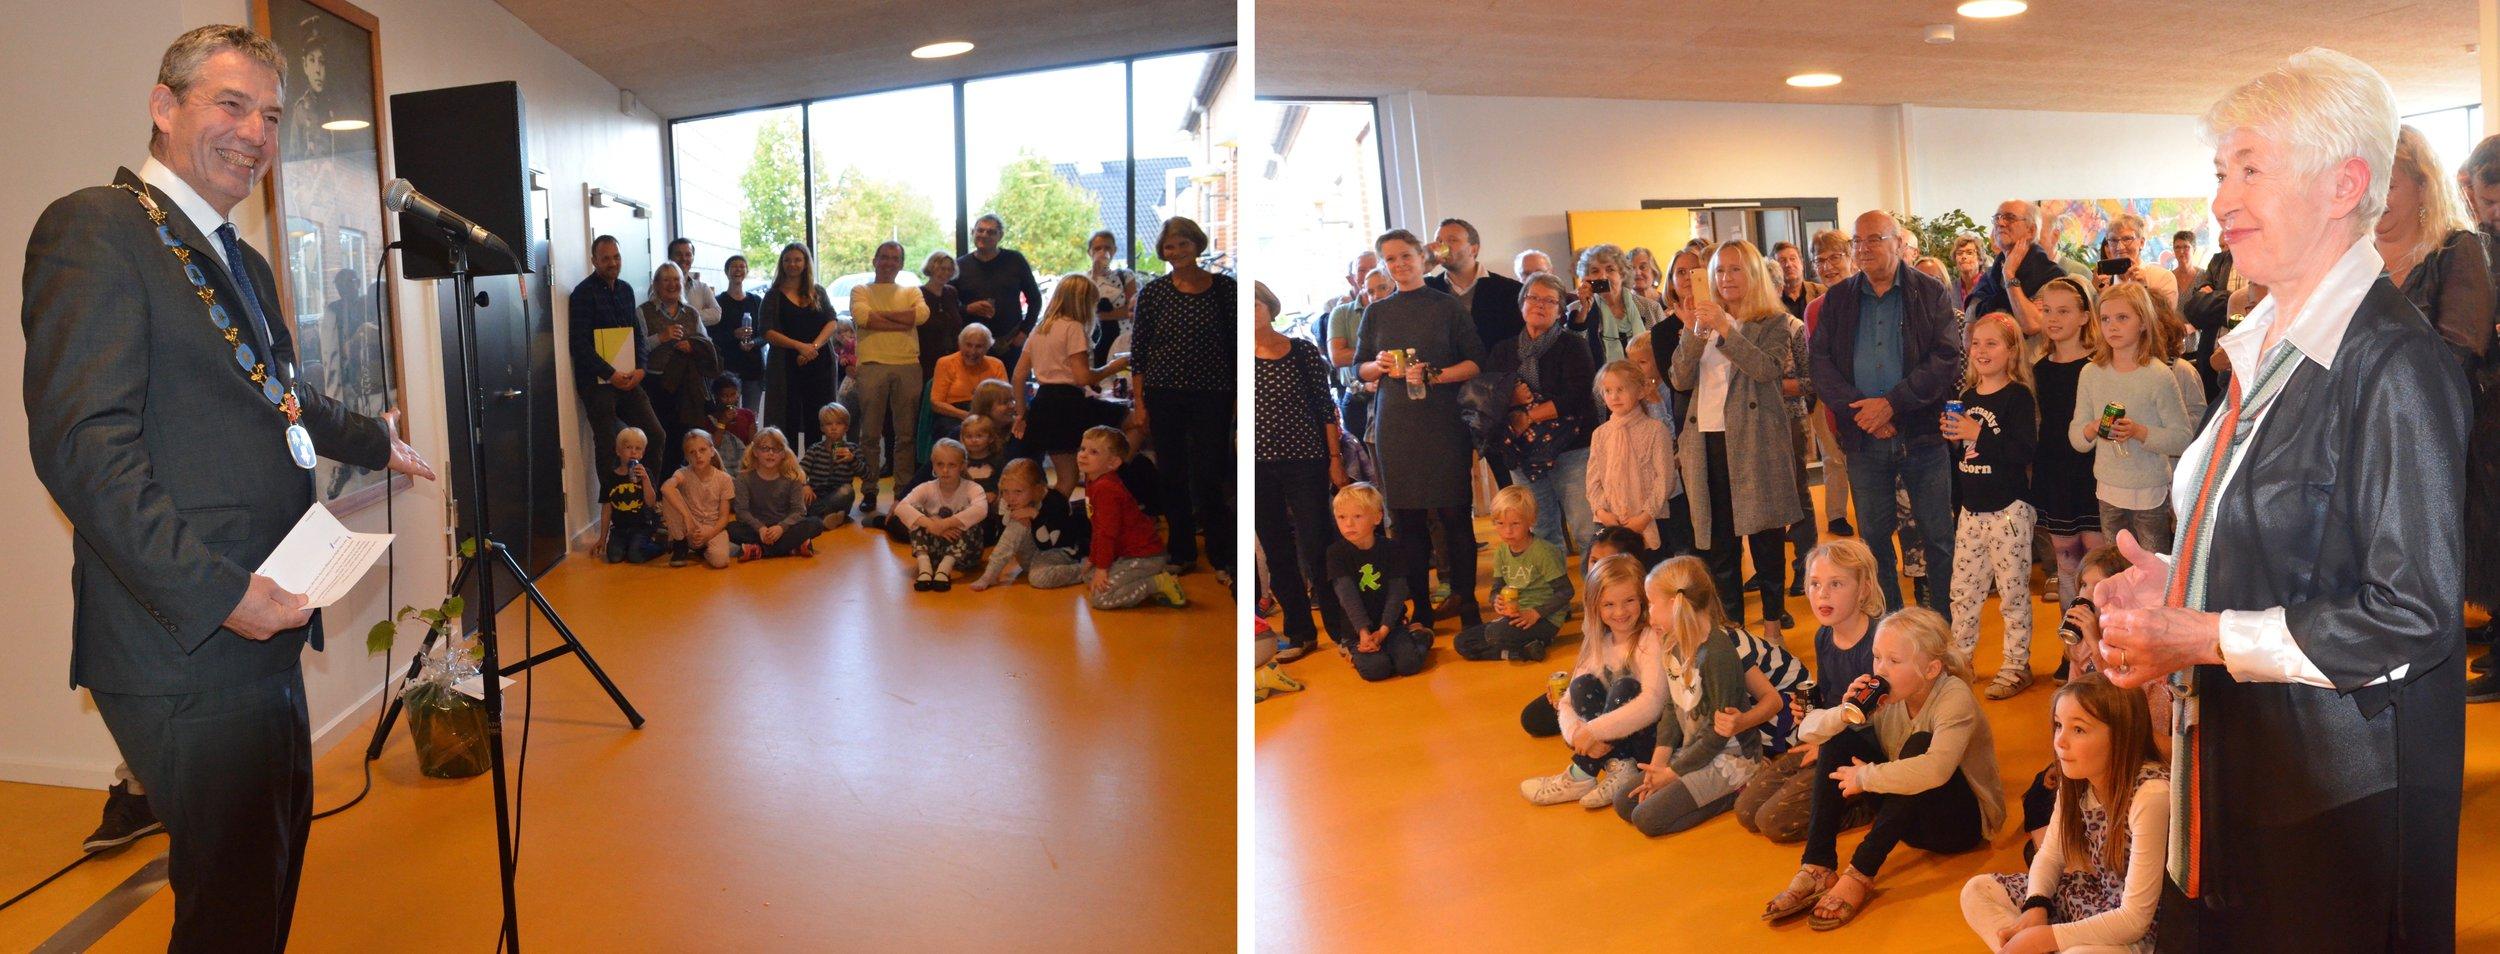 Borgmester Jørgen Johansen ønskede alle tillykke med den nye, flotte koncertsal - og med en speciel stor tak til Tonna Nielsen. Foto: AOB